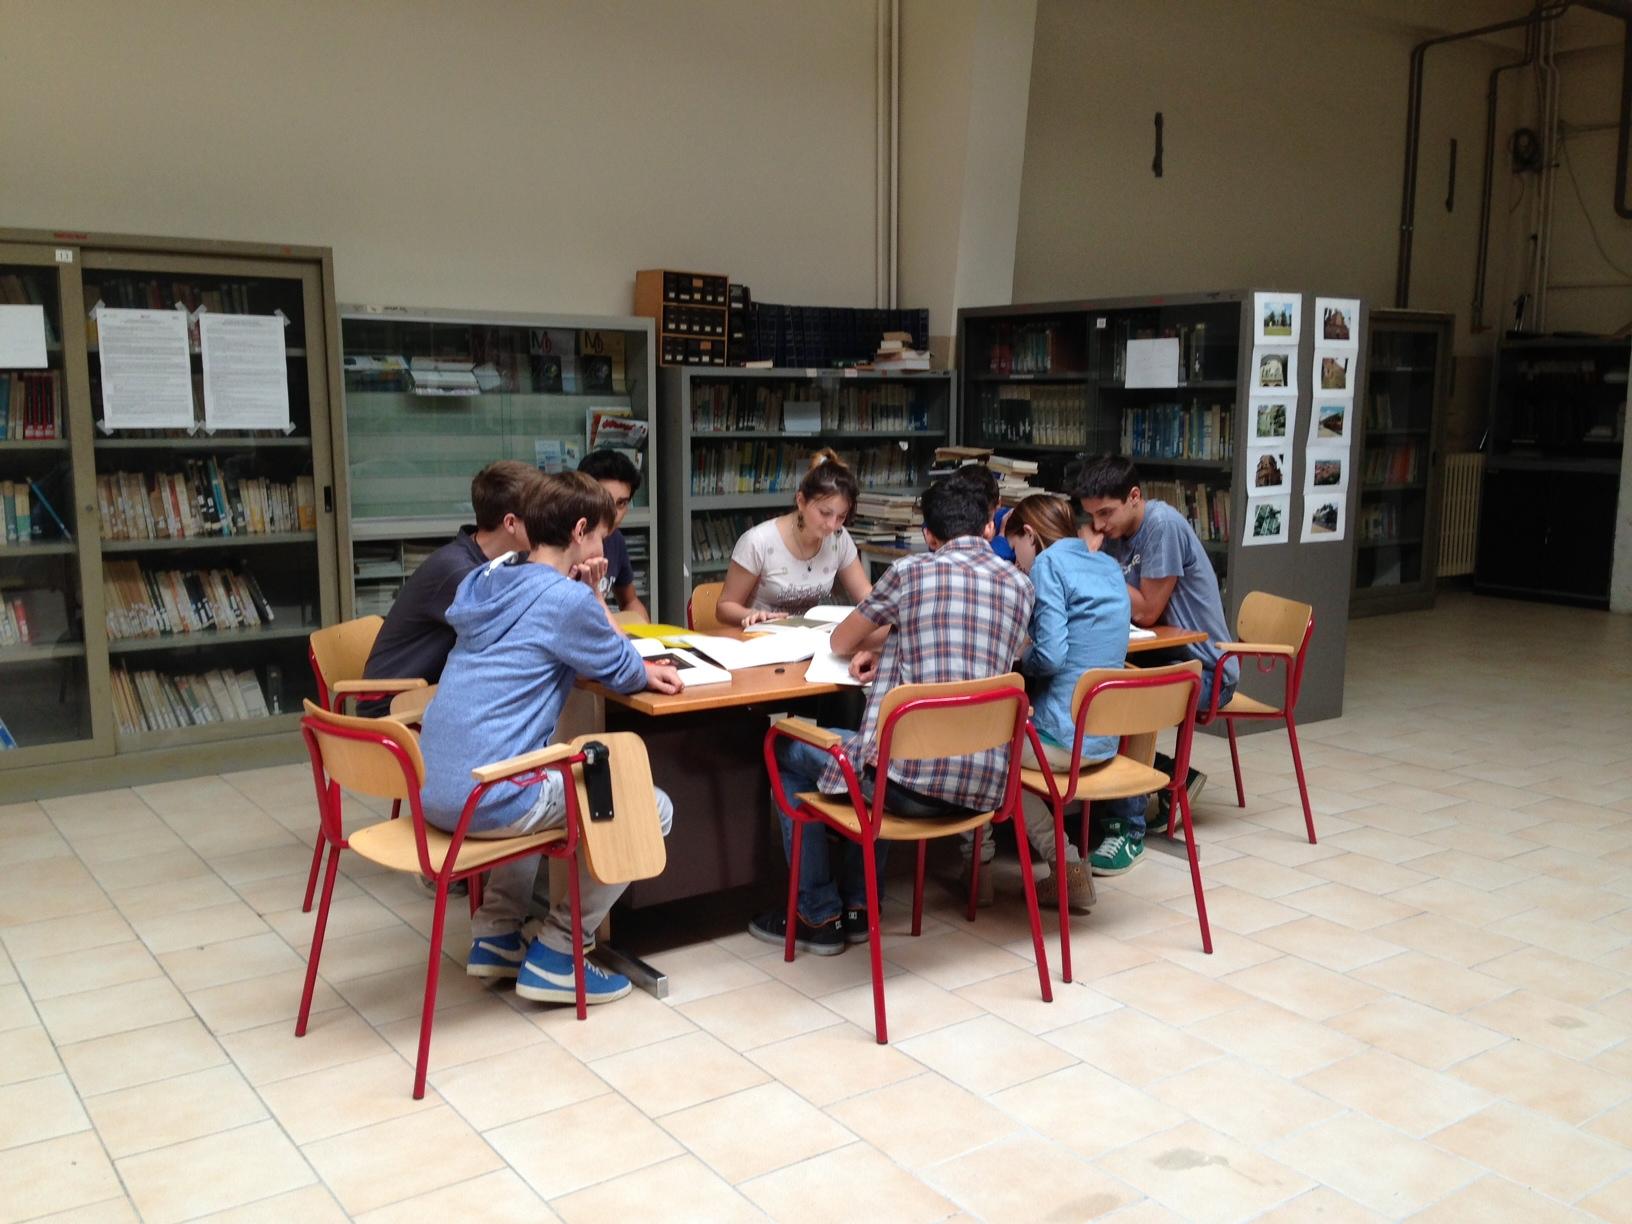 La biblioteca intitolata aAldo Moro